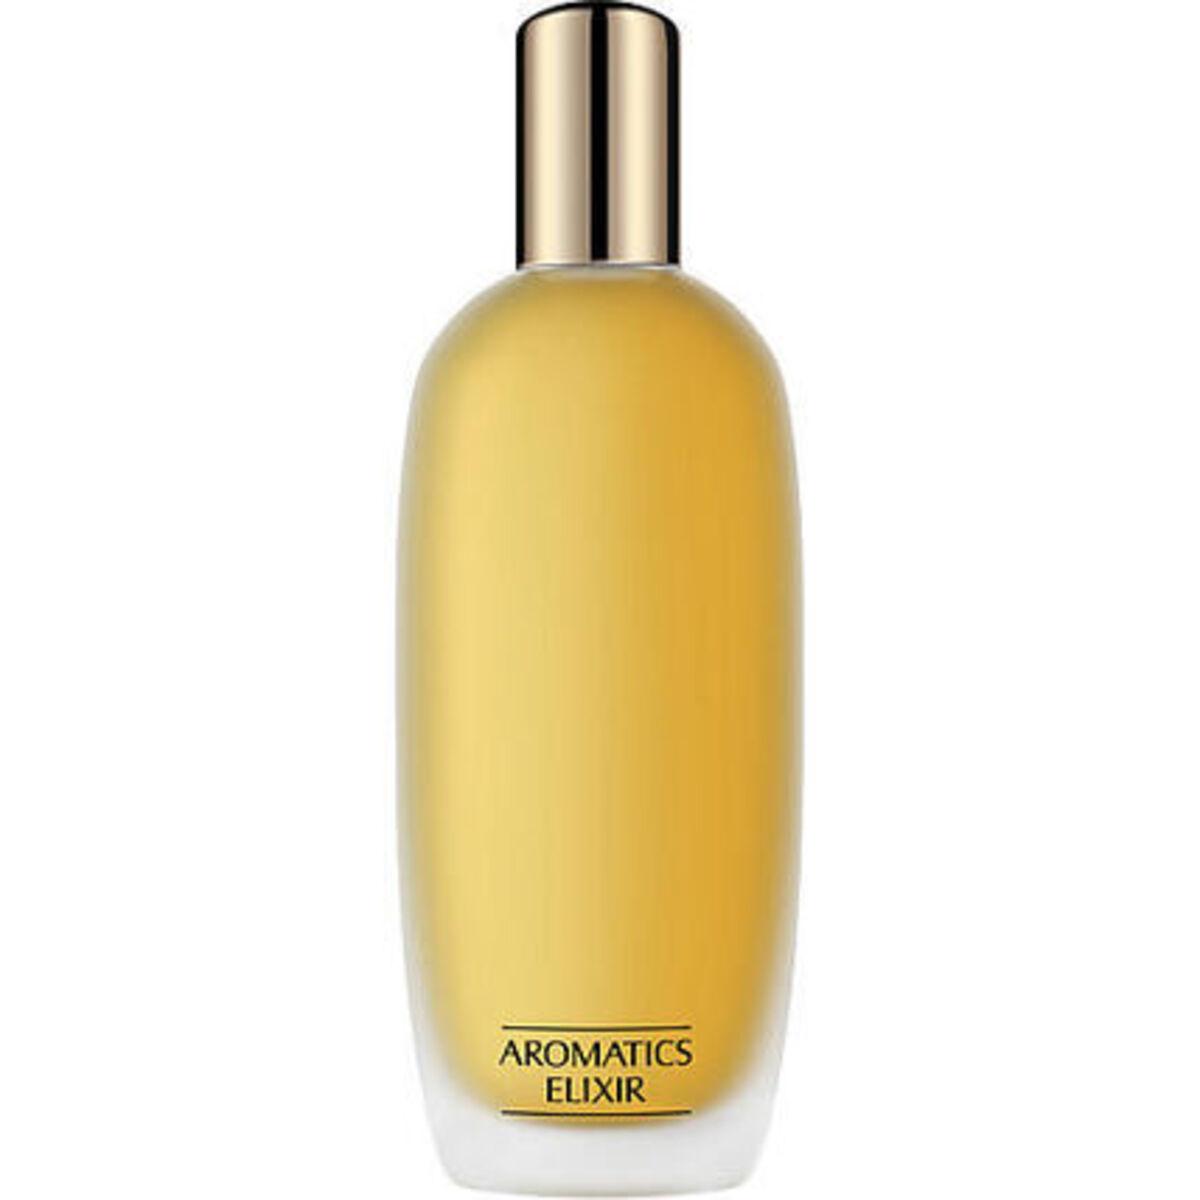 Bild 1 von Clinique Aromatics Elixir, Eau de Parfum, 100 ml